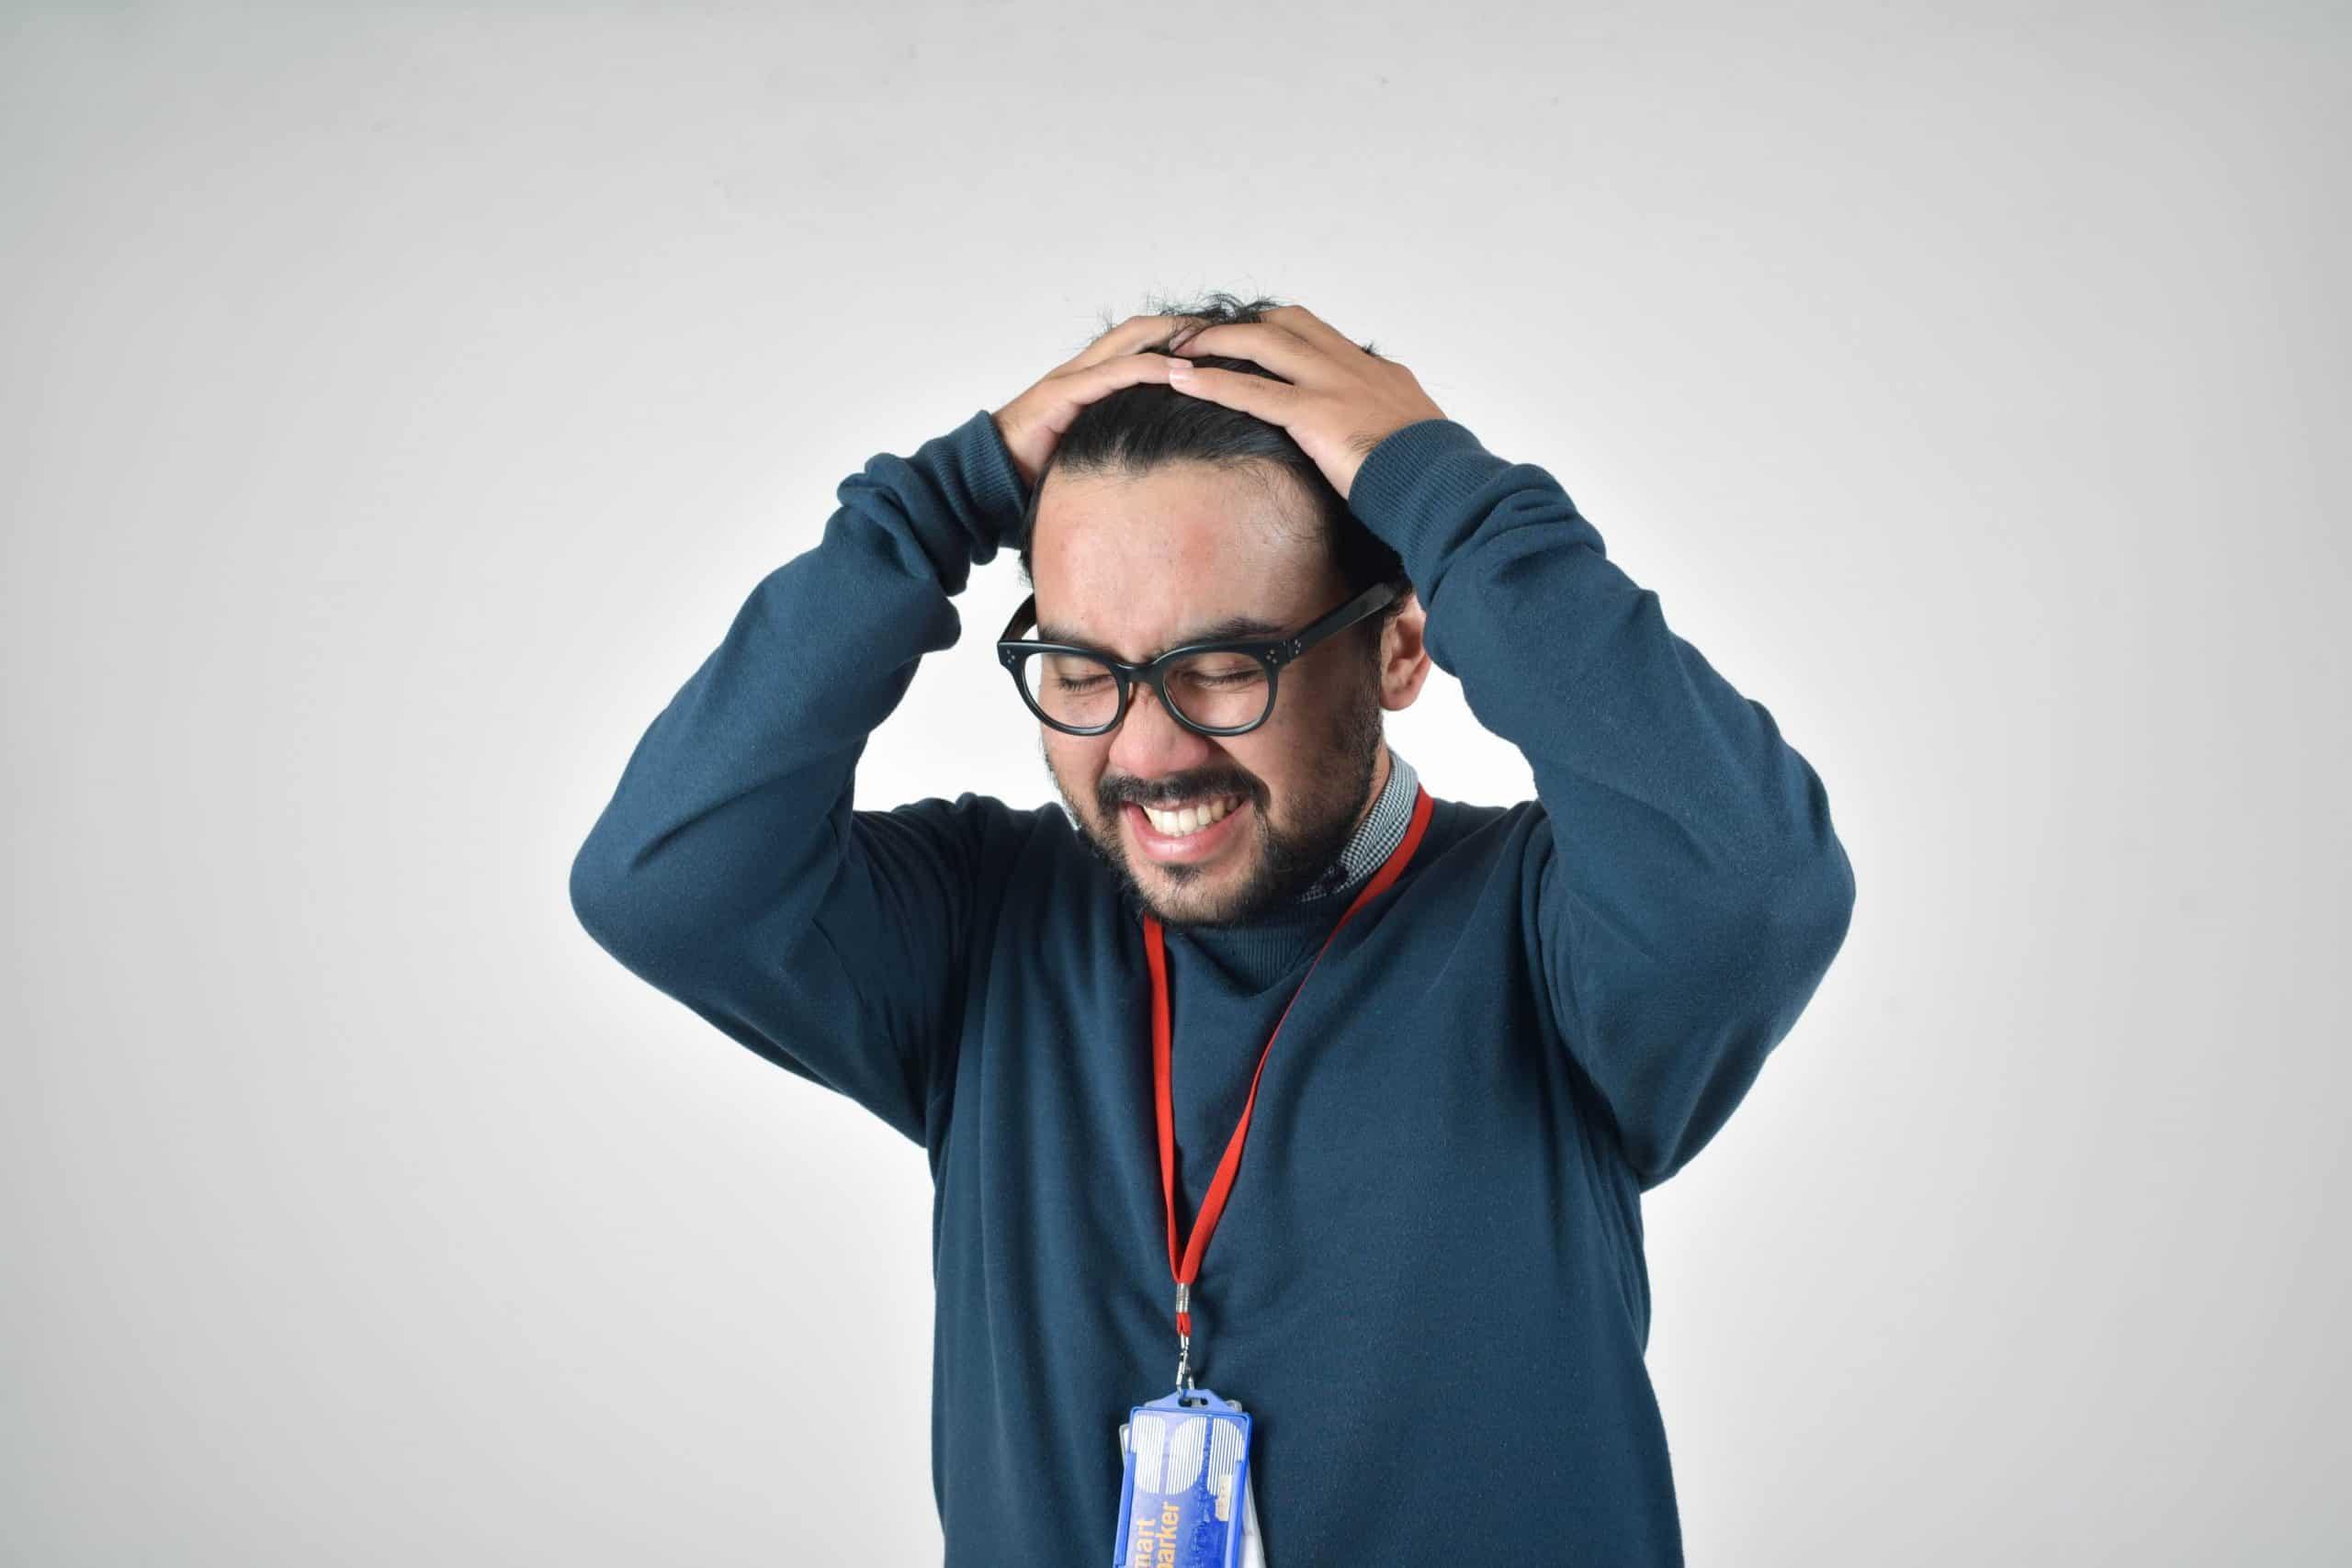 como-lidar-com-estresse